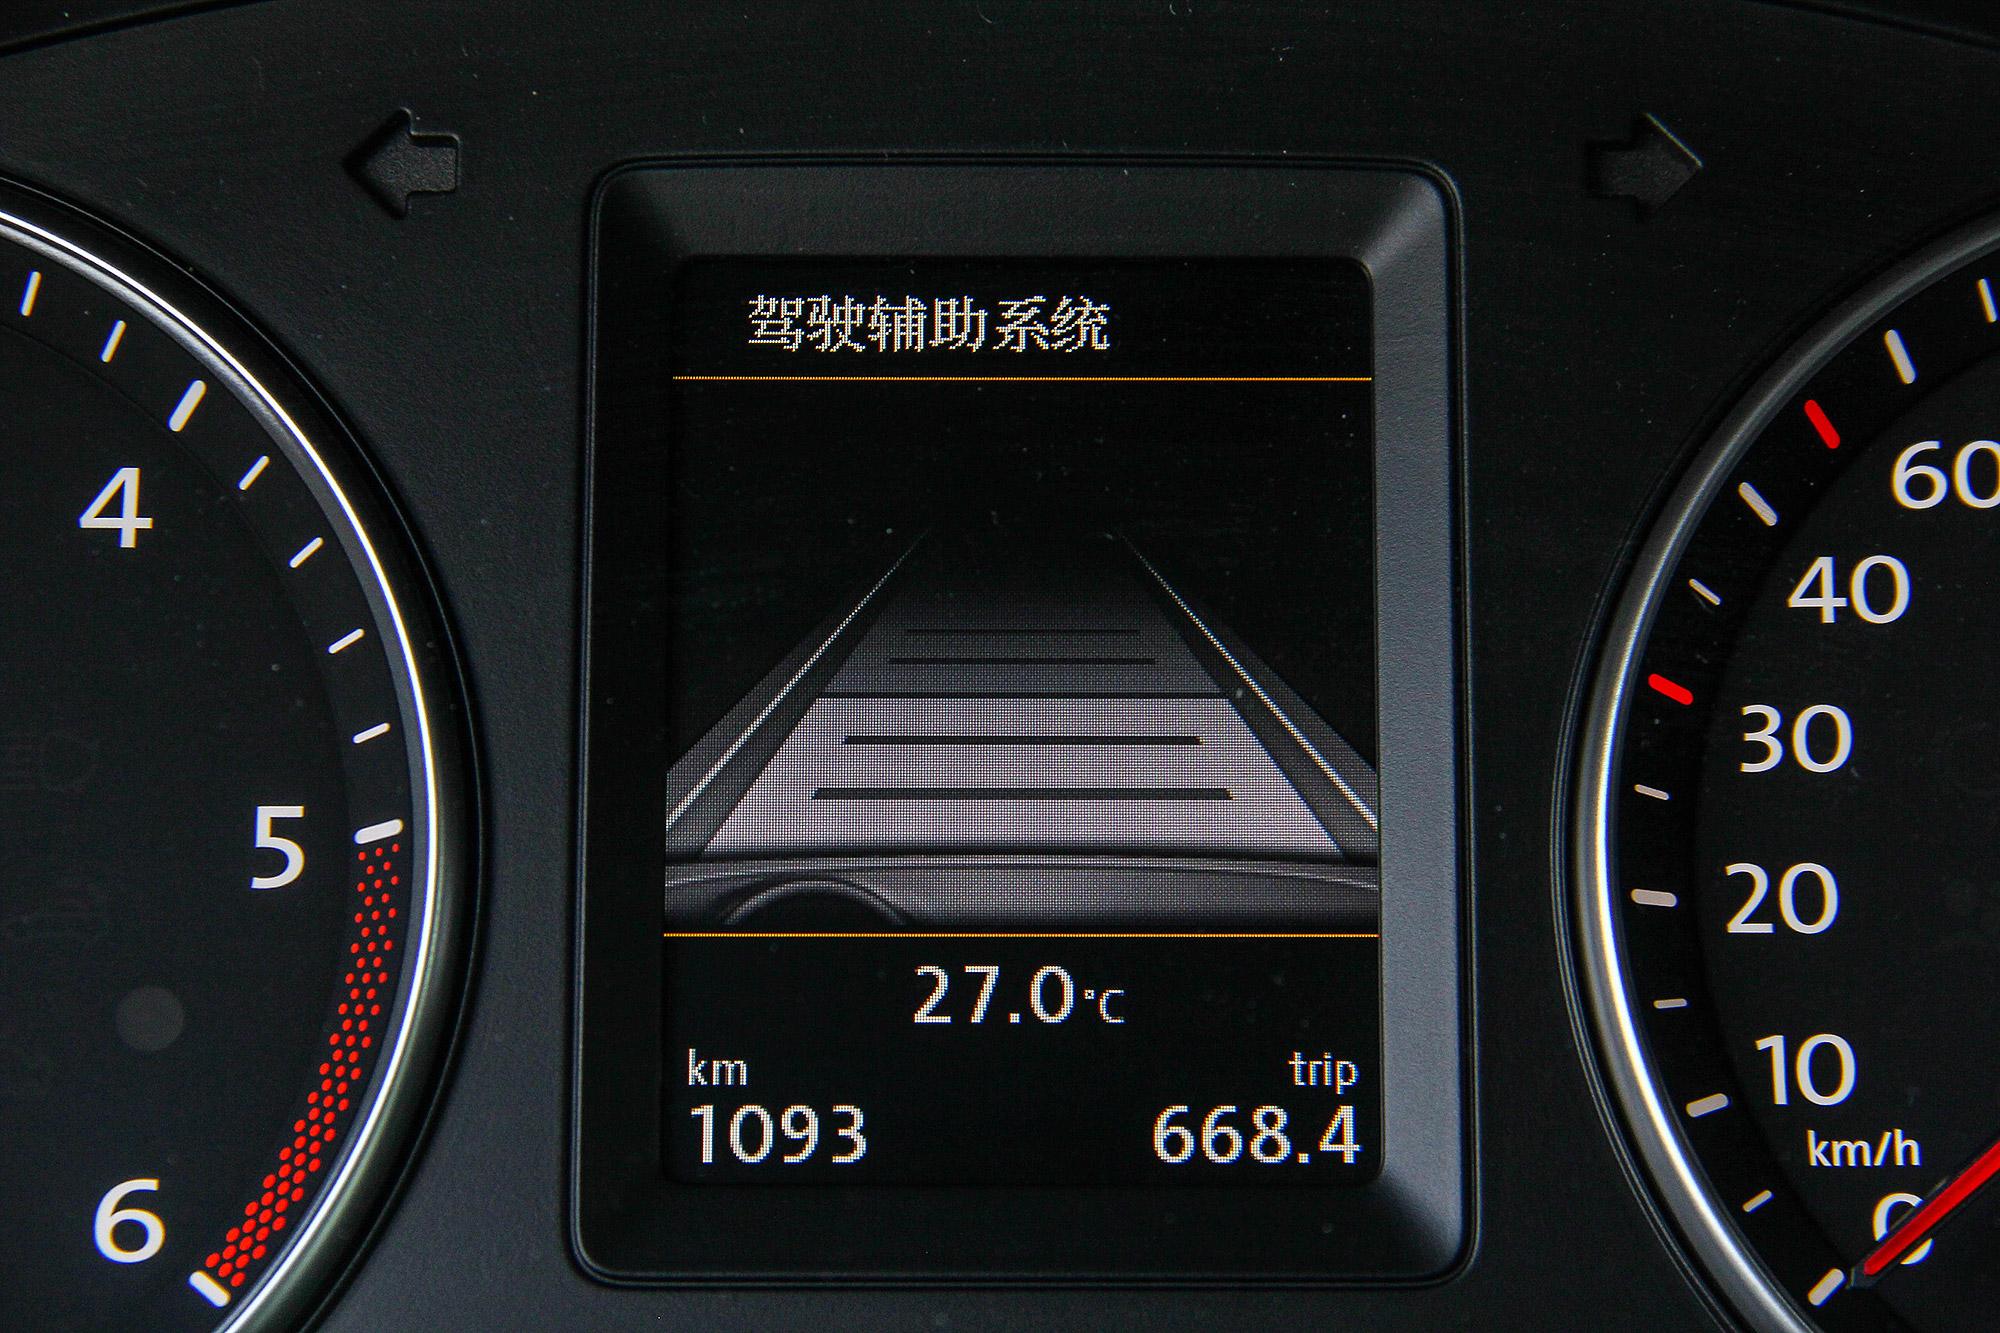 與前車之間的距離依照雷達波發射回彈的時間,提供有 5 段可調。